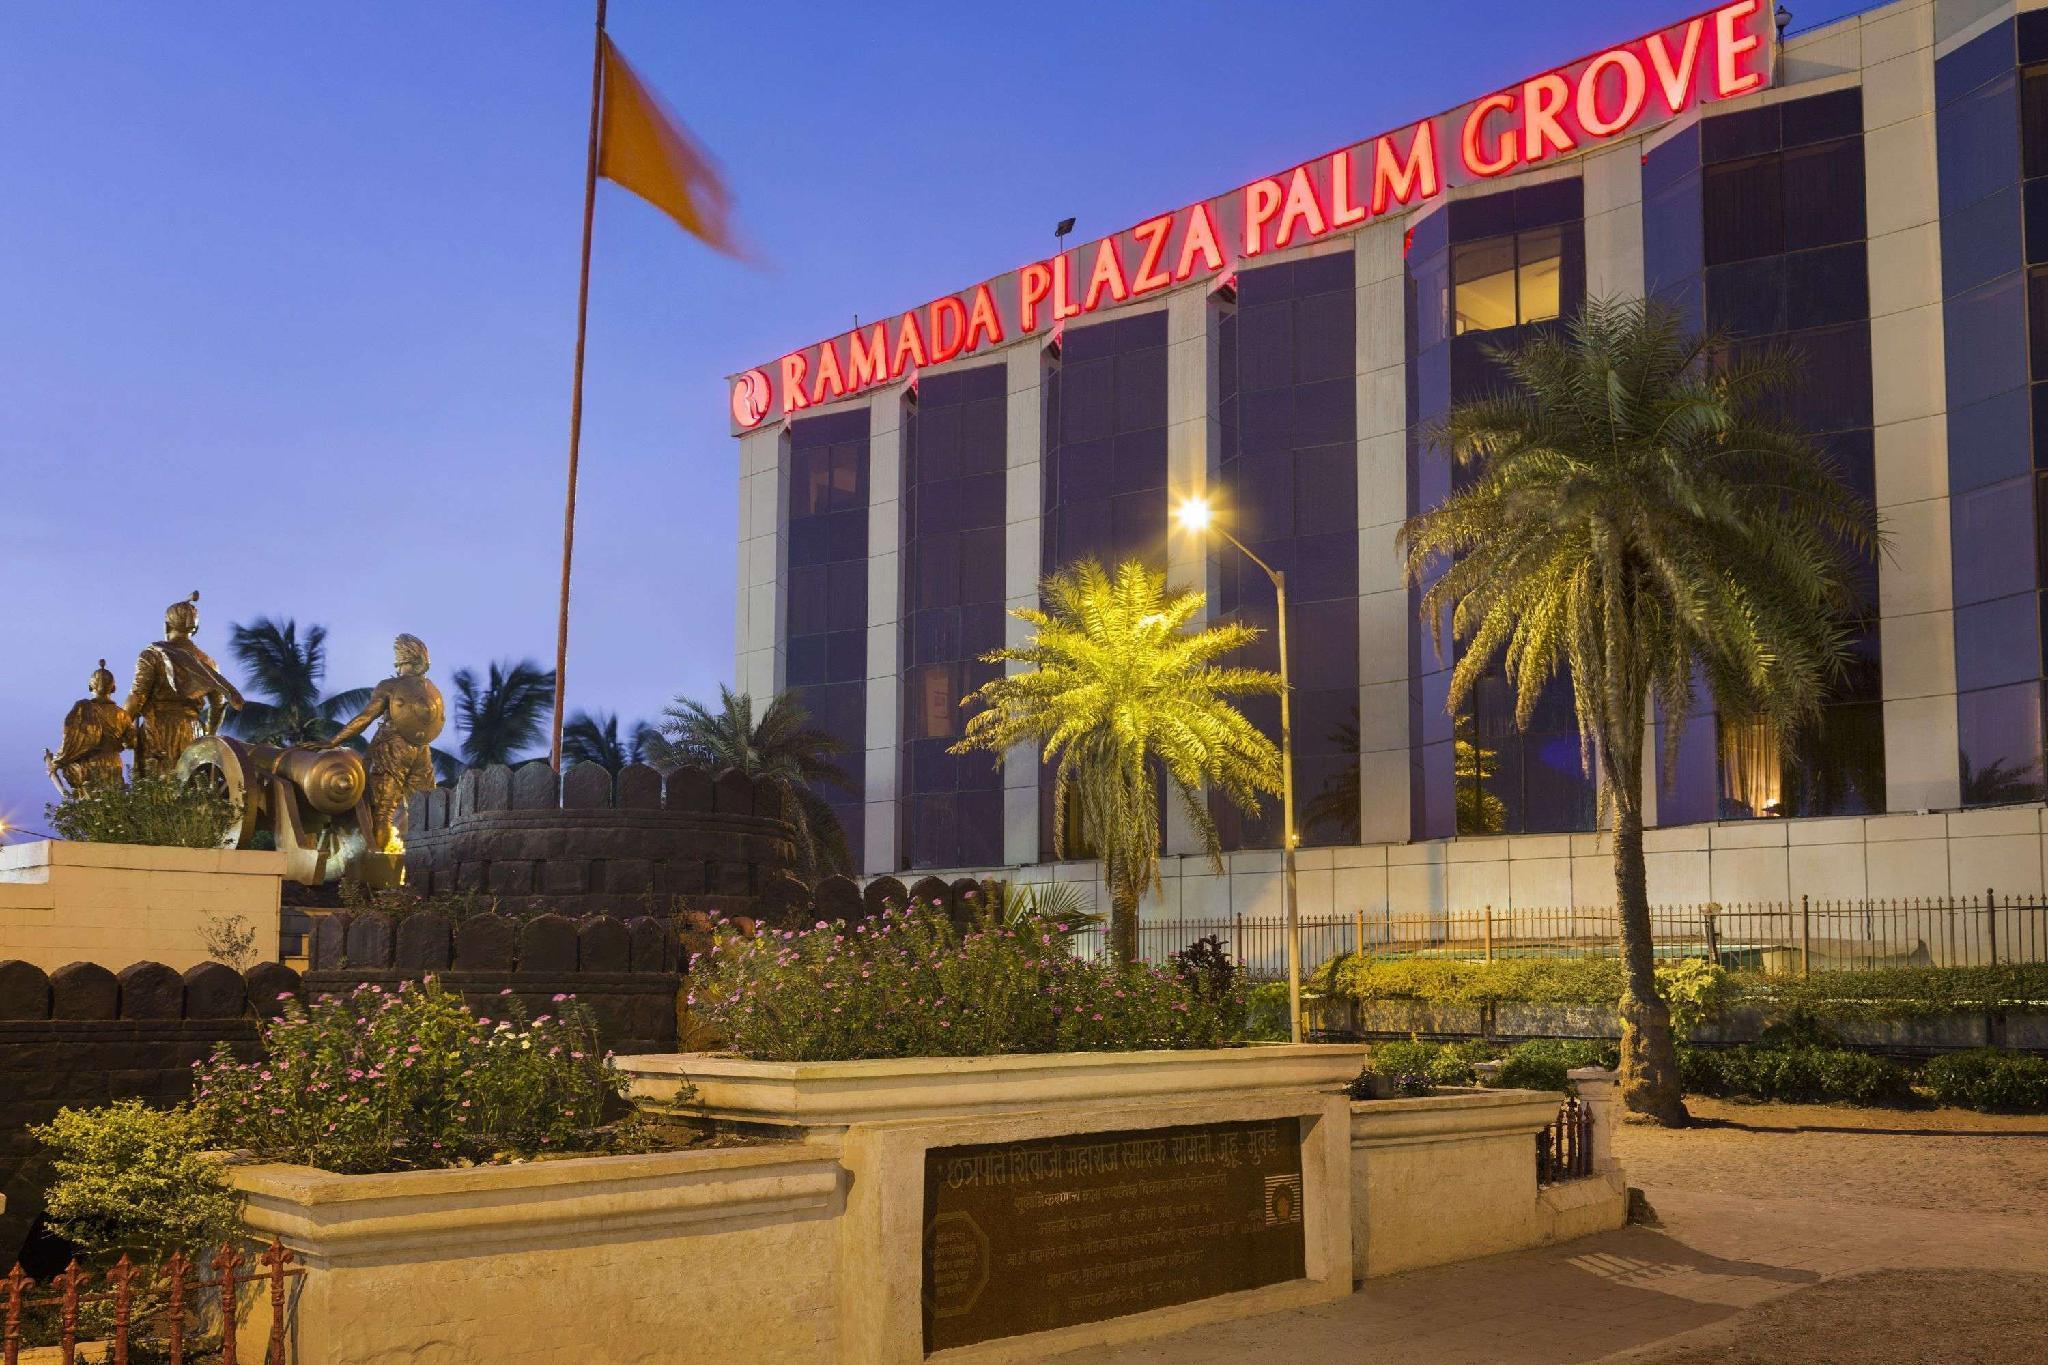 Ramada Plaza By Wyndham Palm Grove